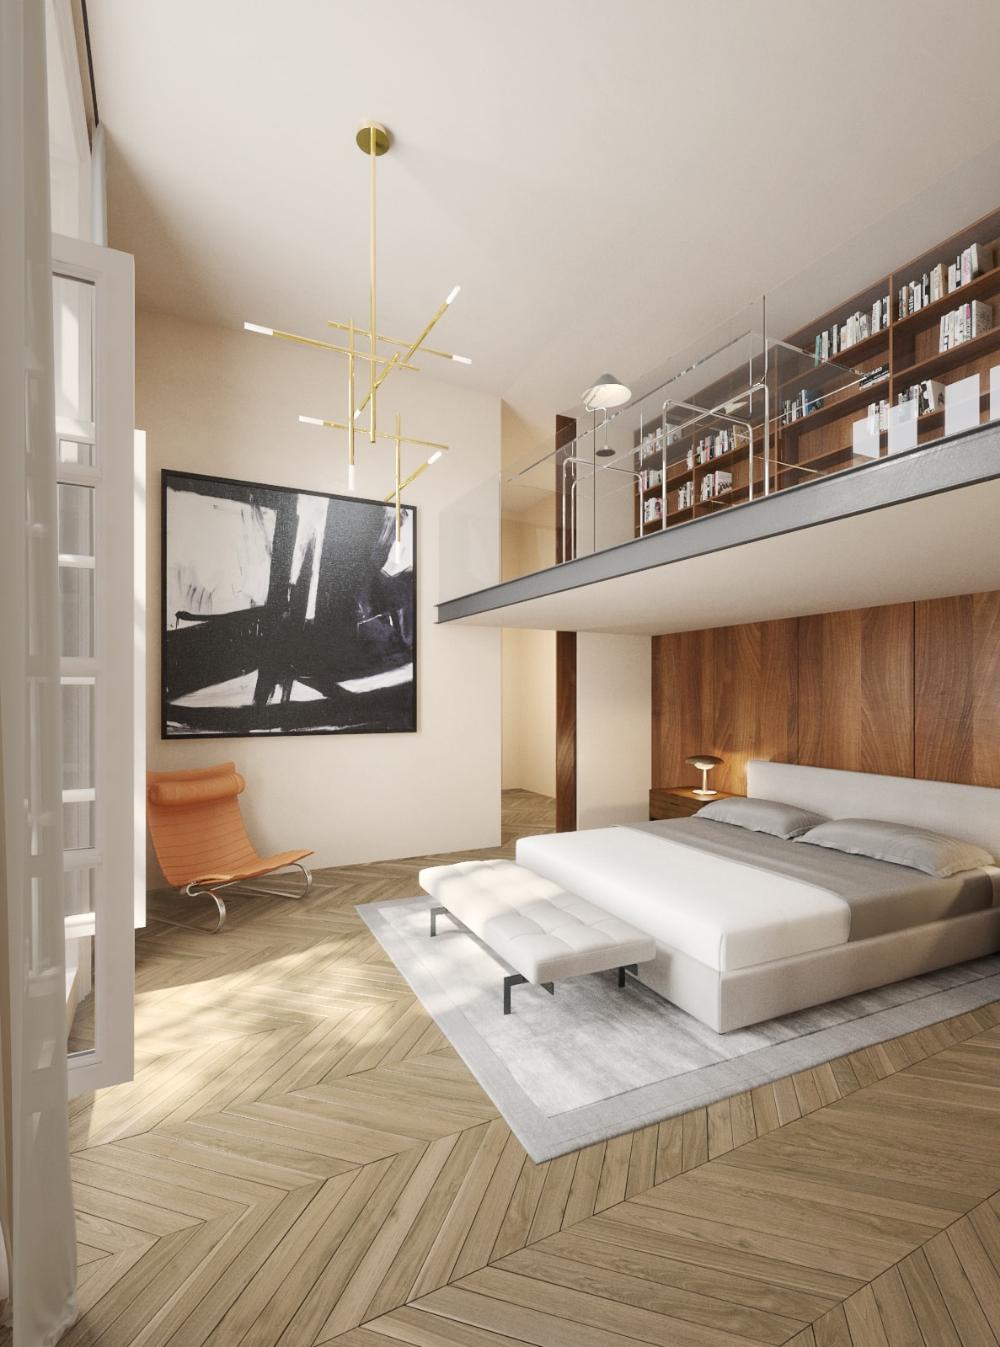 1 Bed Apartment For Sale Paris 4 Hotel Nicolai Apartments For Sale Apartment Bed